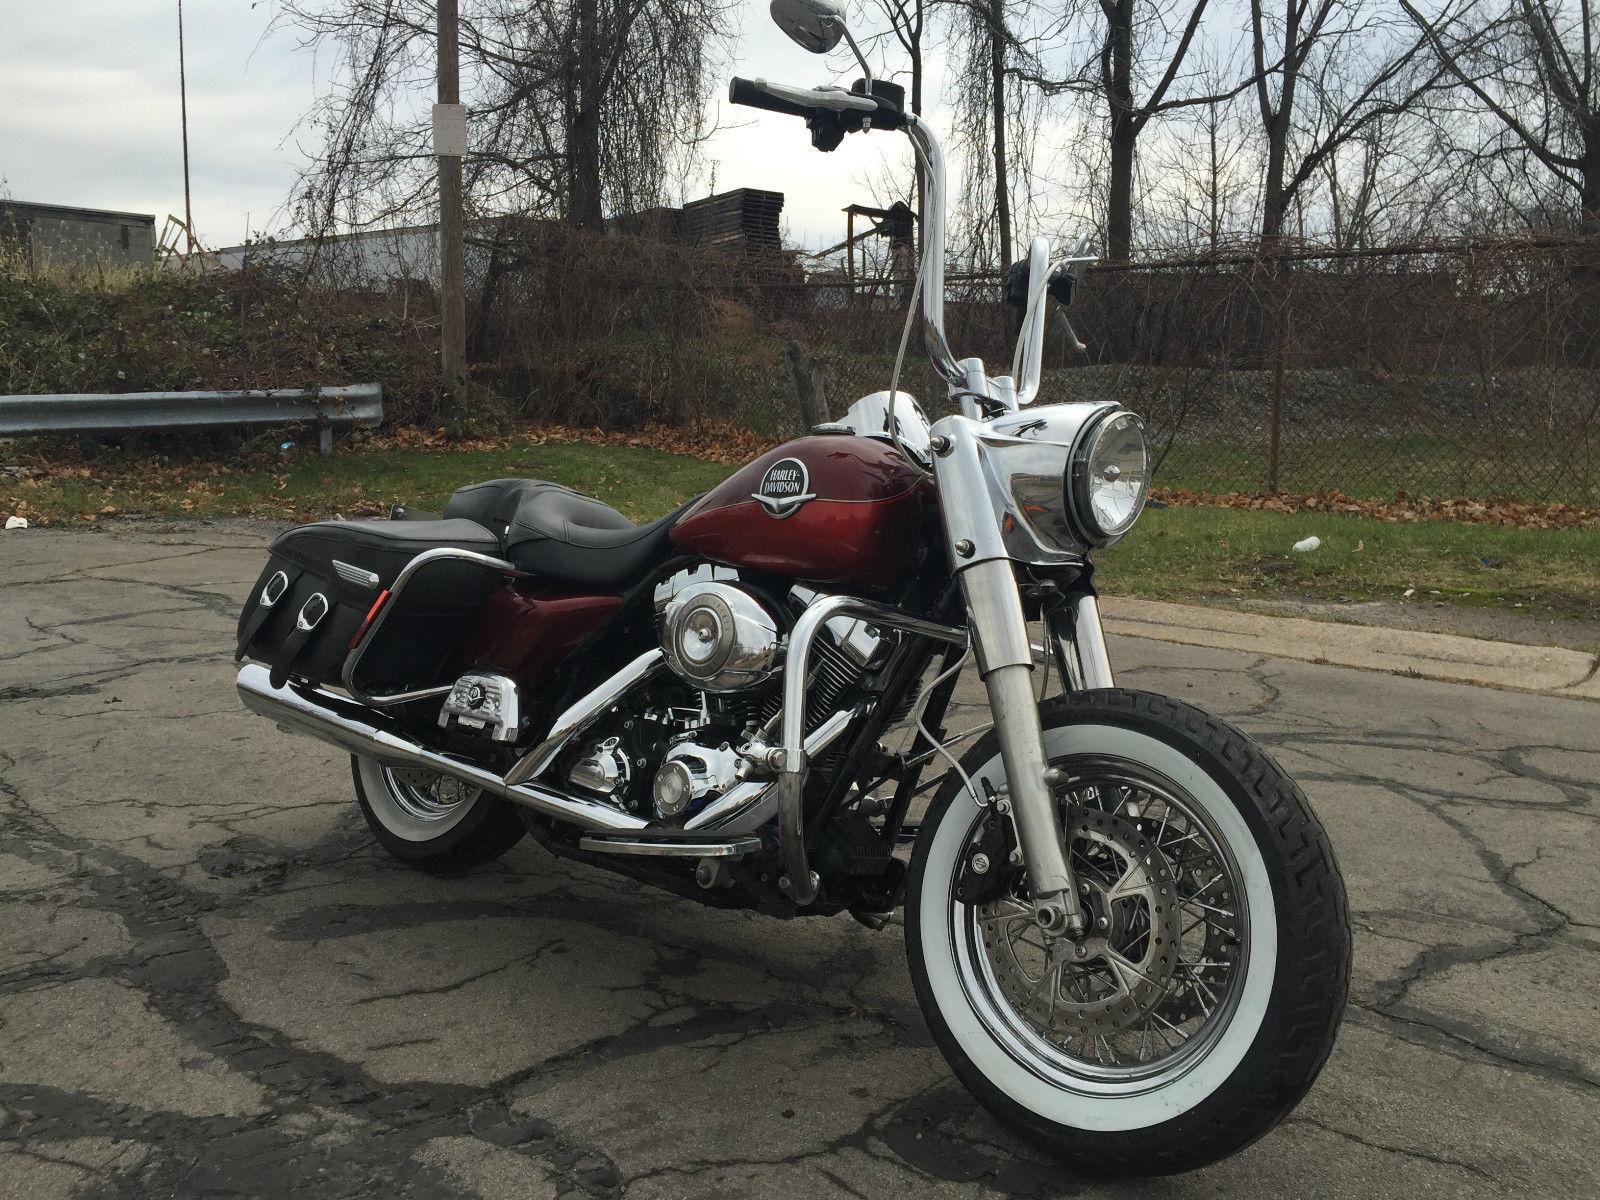 2008 Harley Davidson Road King Classic Runs Rides 14 Apes Minor Damage Salvage